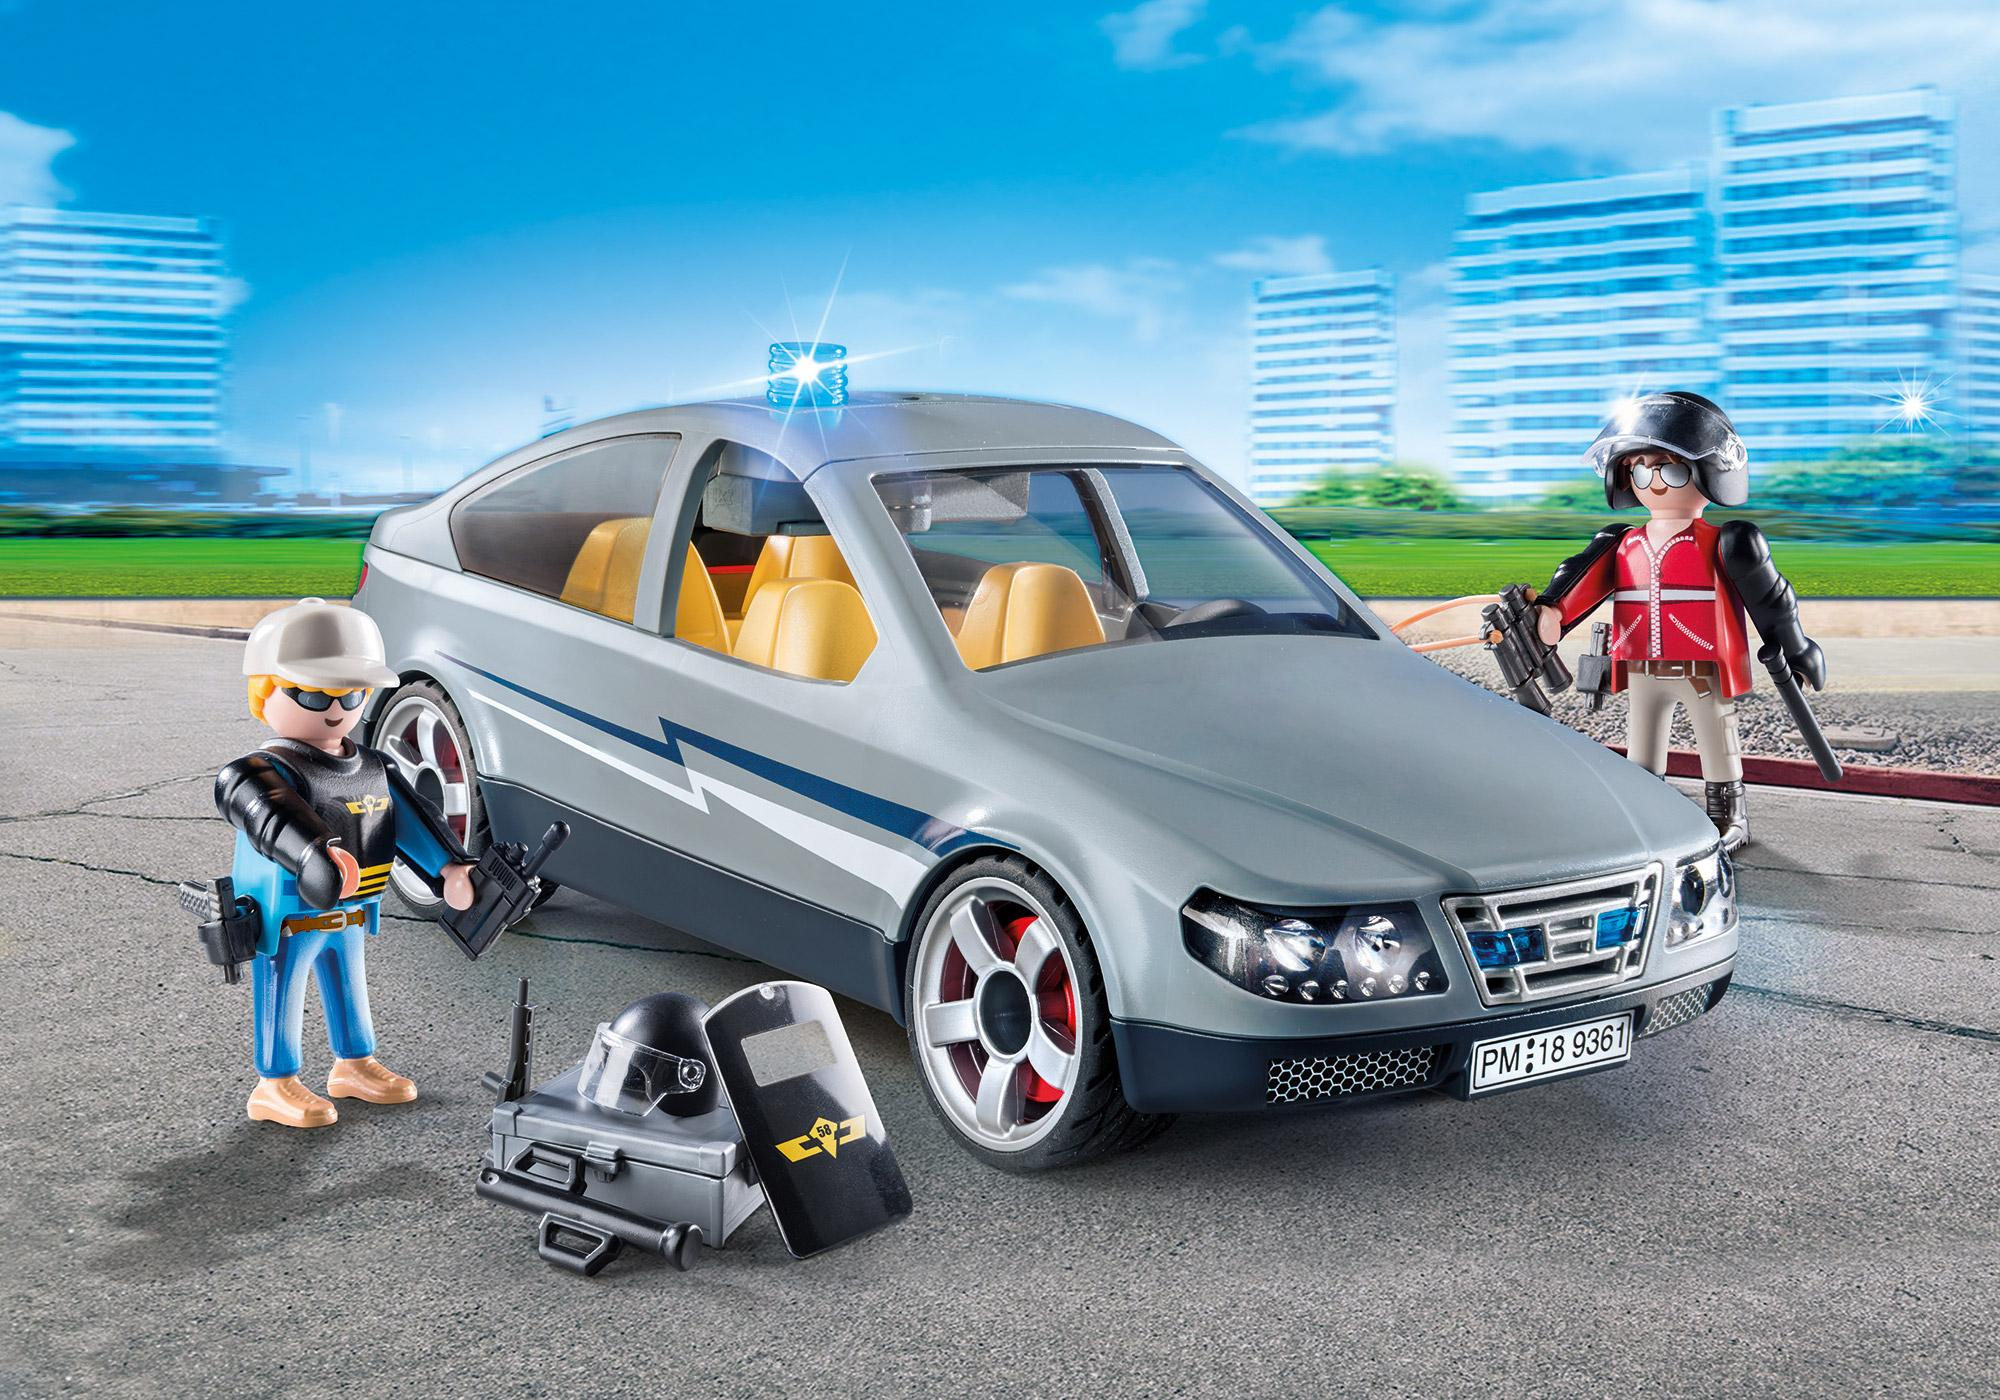 http://media.playmobil.com/i/playmobil/9361_product_detail/Civilfordon